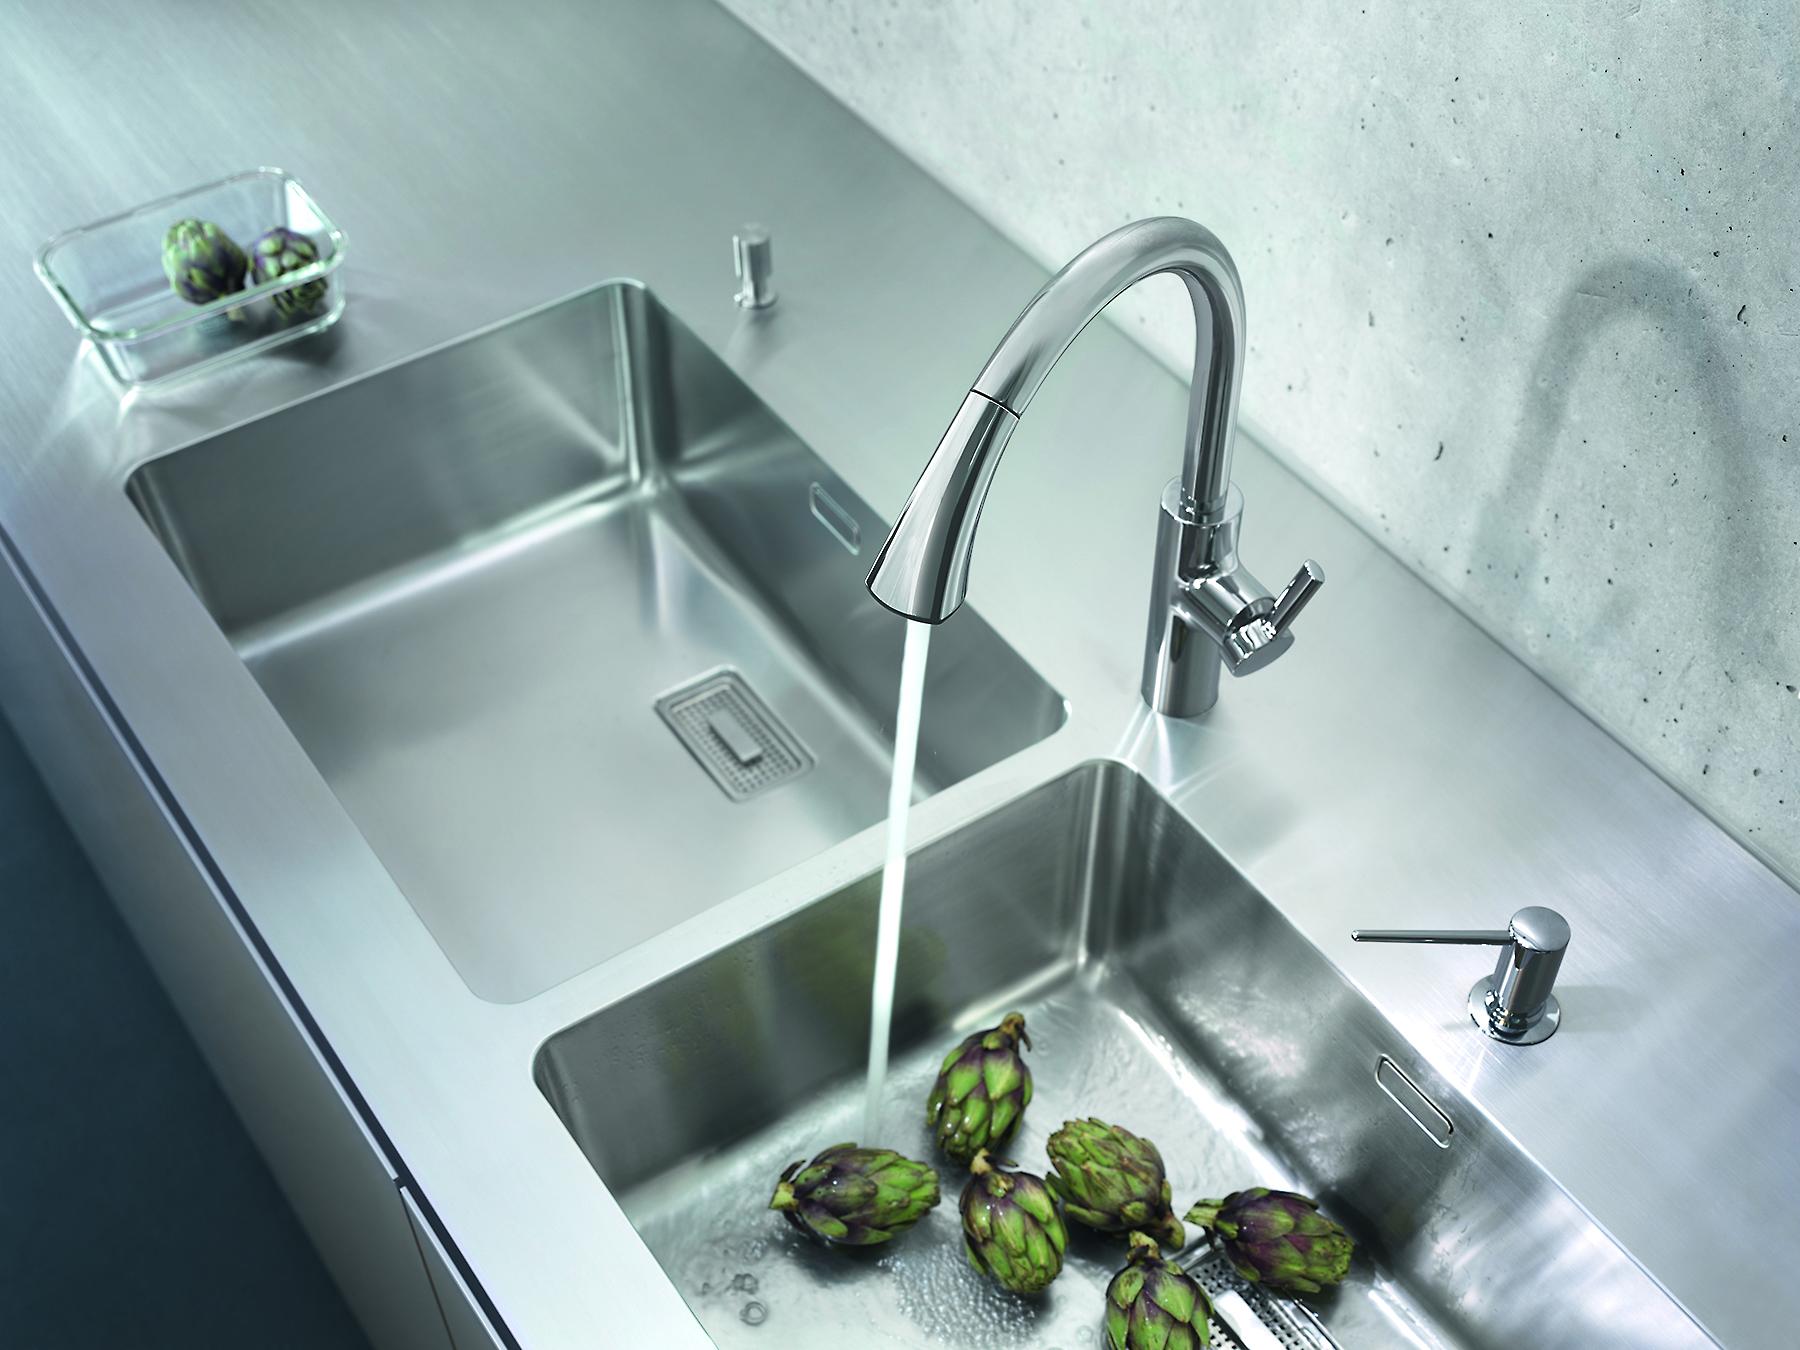 Awesome kitchen sink shower ideas the best bathroom - Best caulk for undermount kitchen sink ...